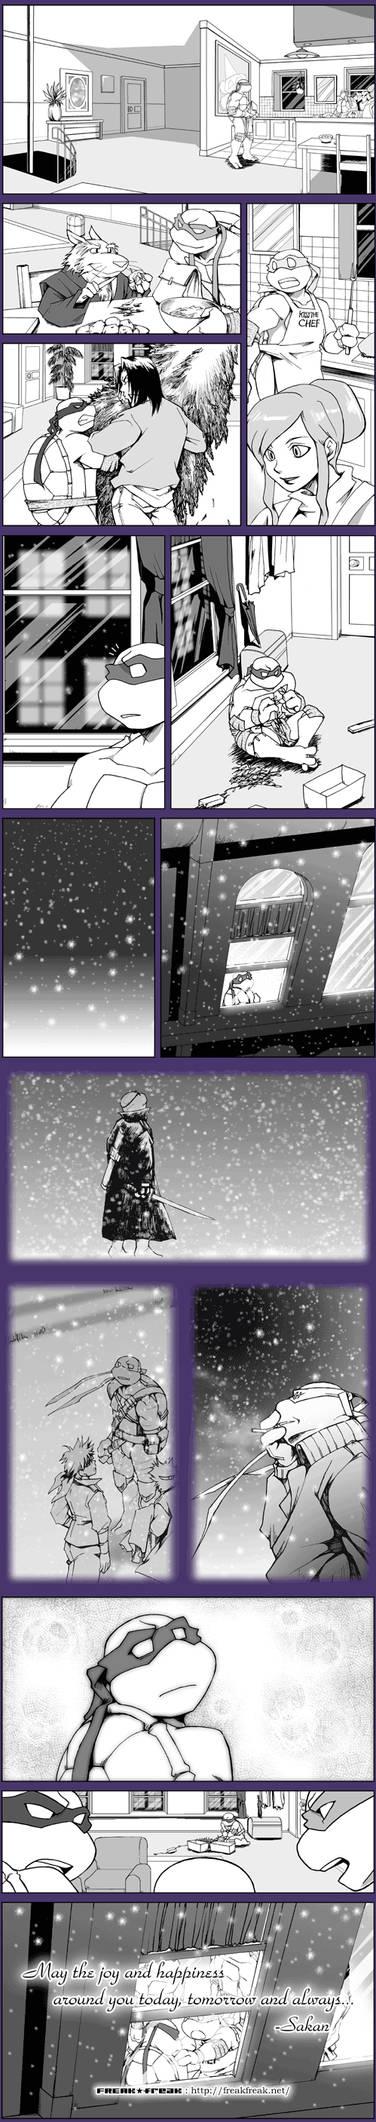 snow by FREAKfreak